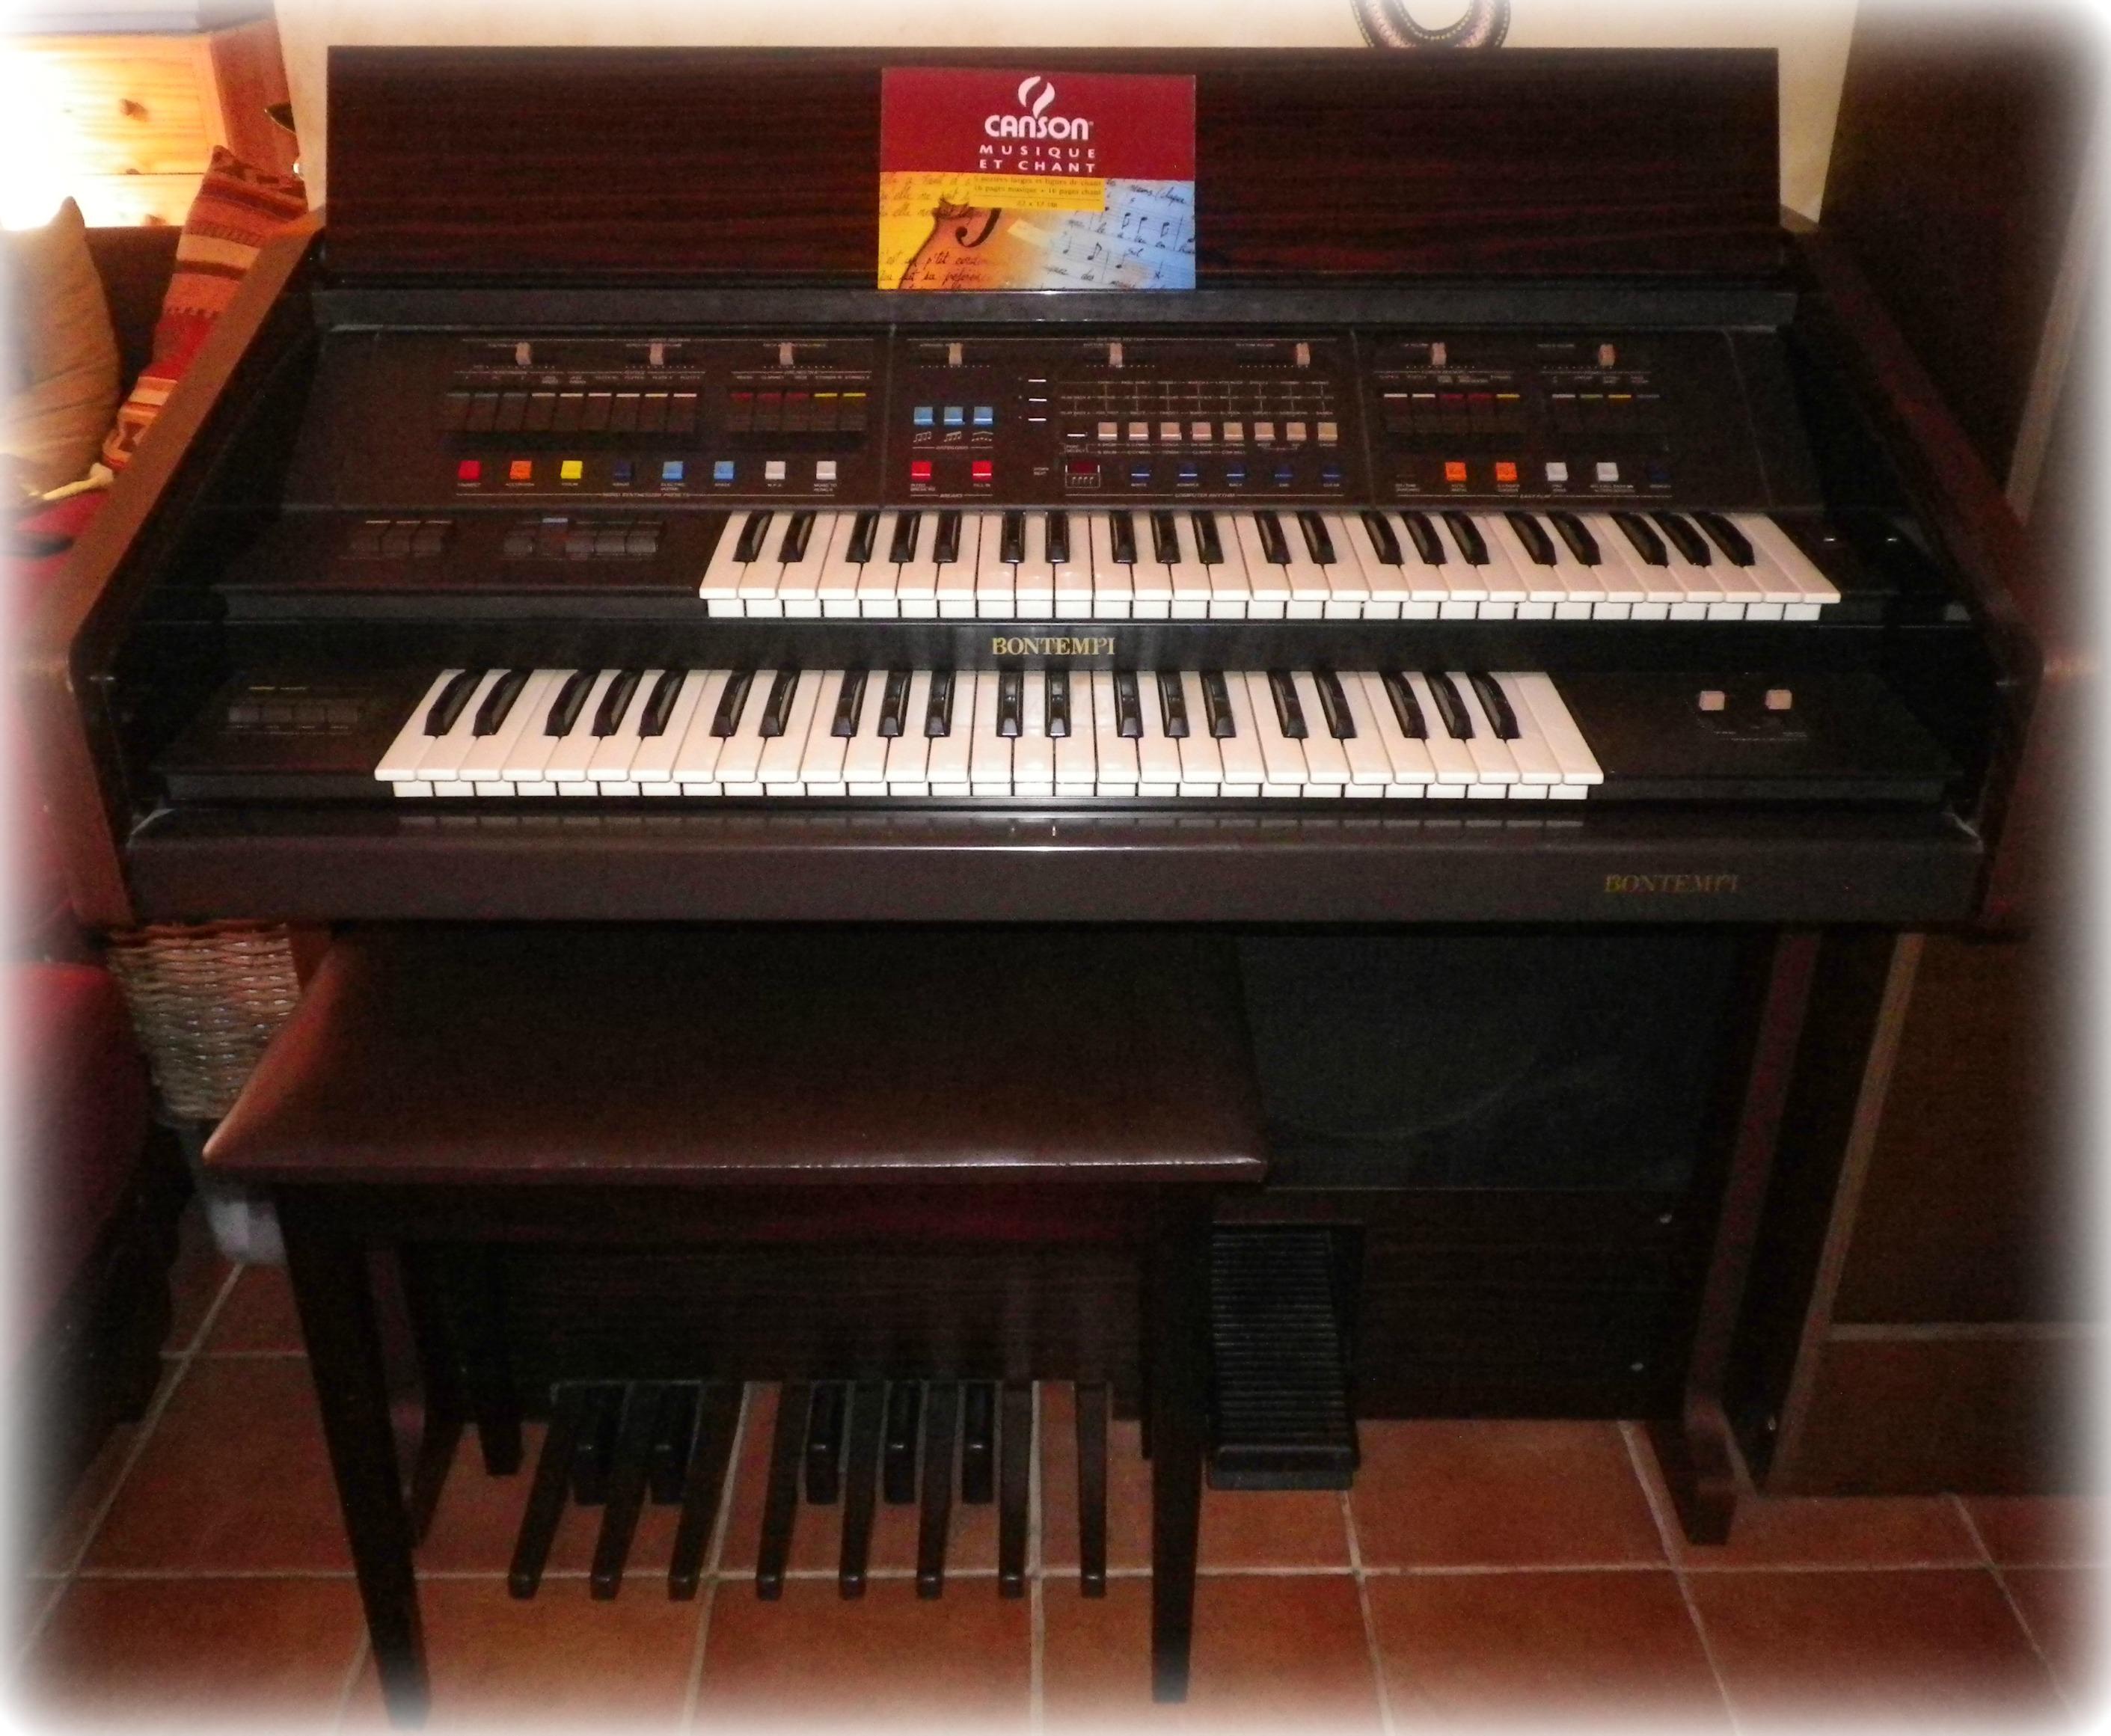 Achat Pianos Electriques doccasion - Audiofanzine